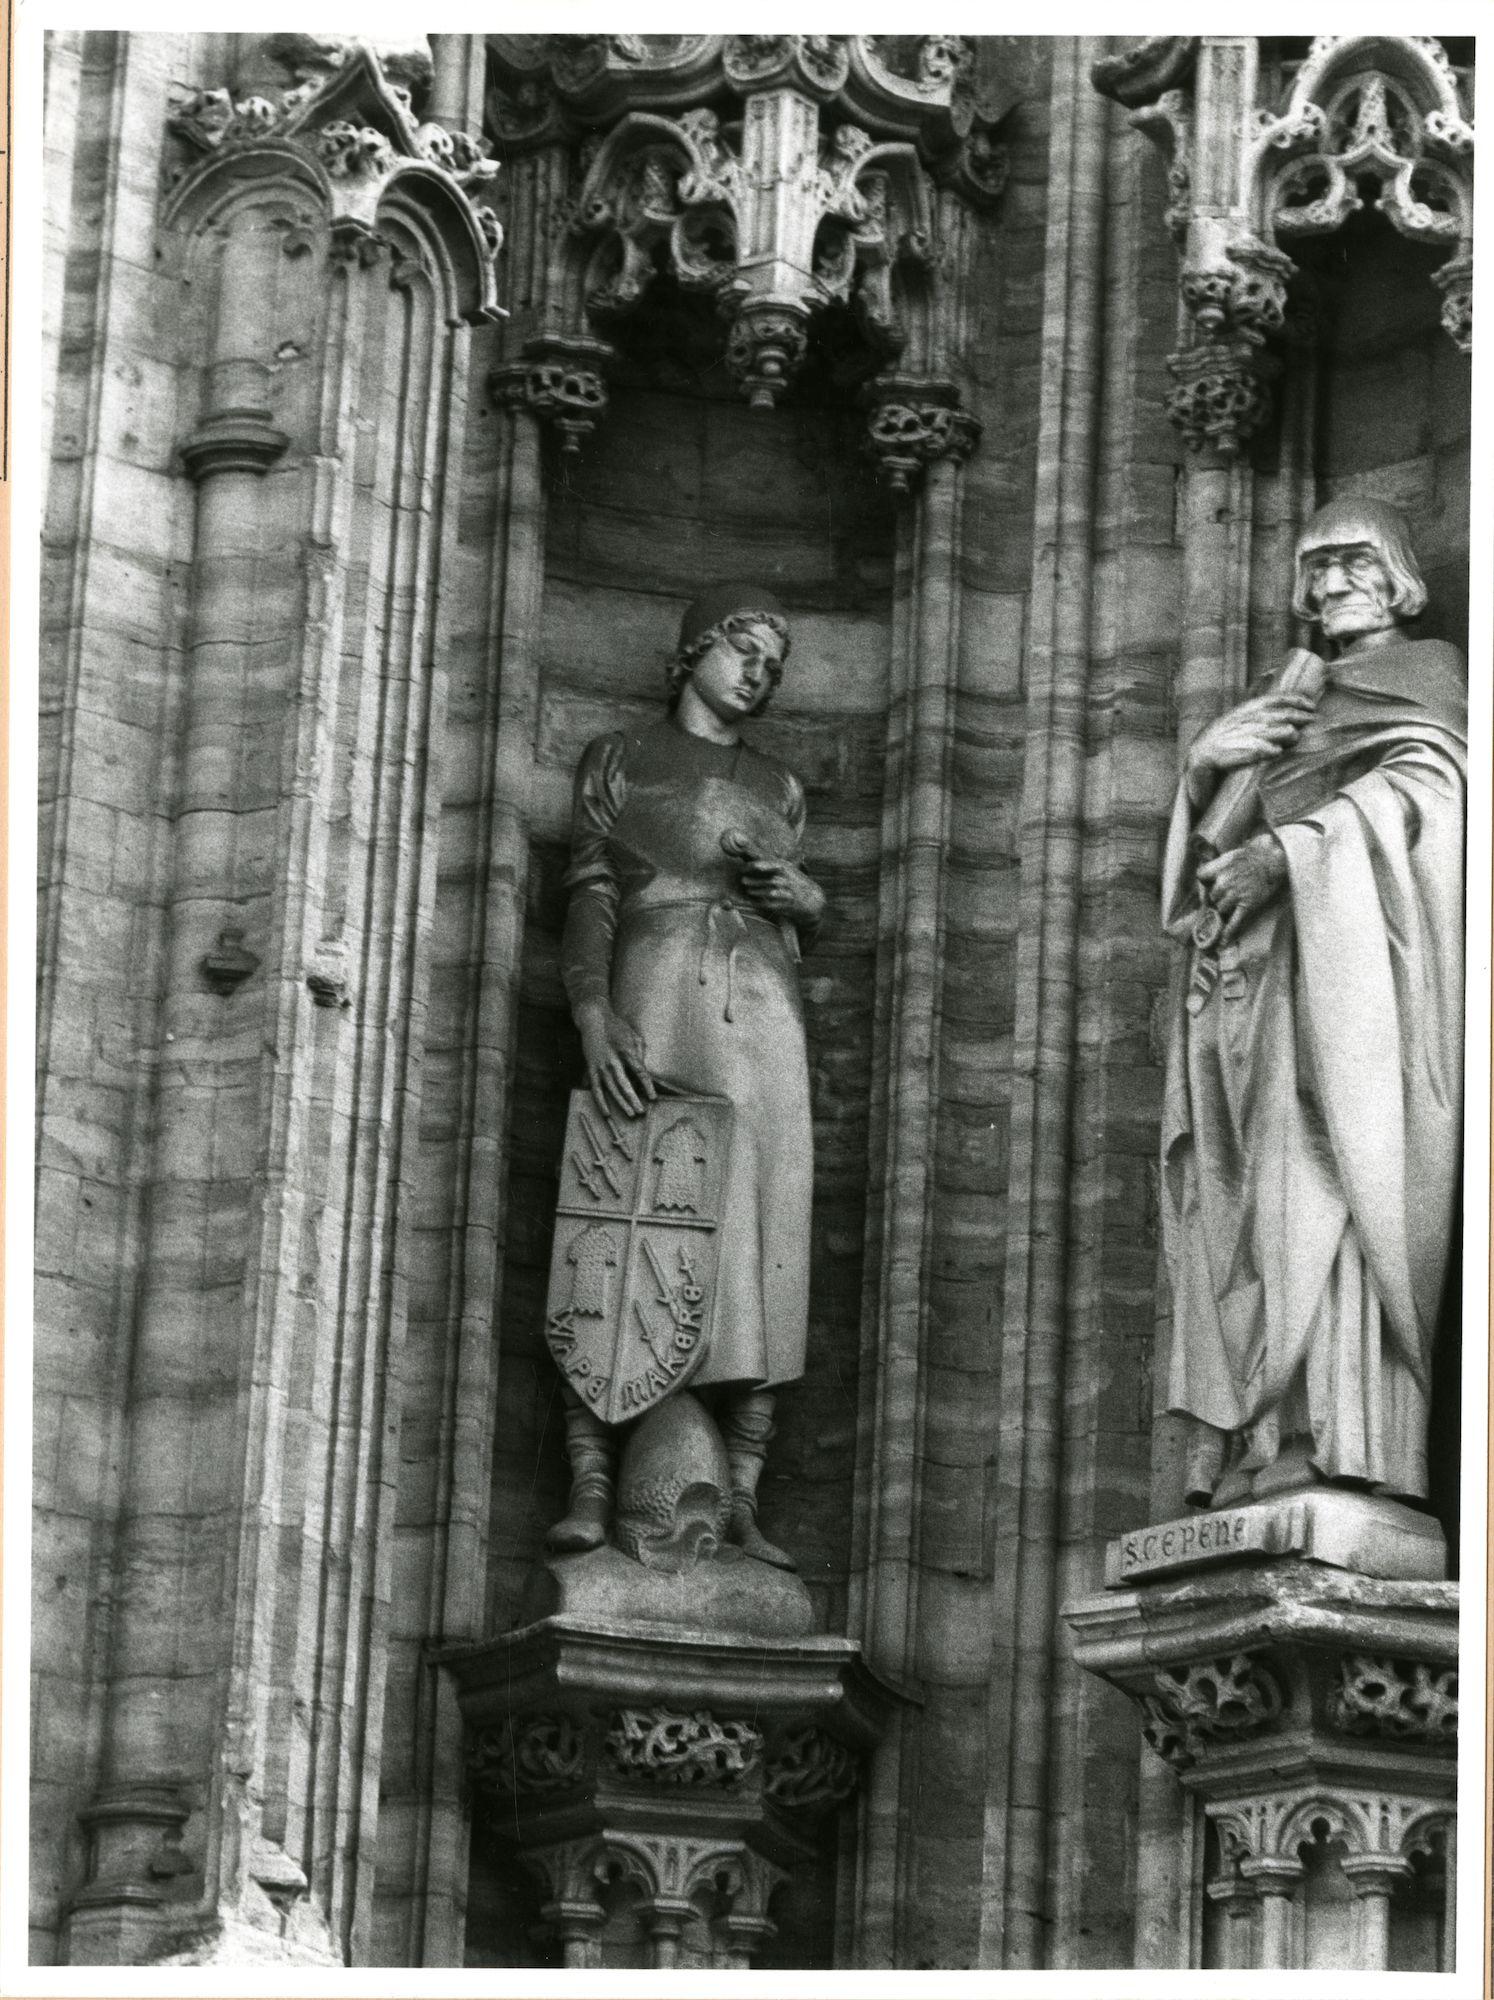 Gent: Botermarkt: stadhuis: nisbeeld: wapenmaker, 1980